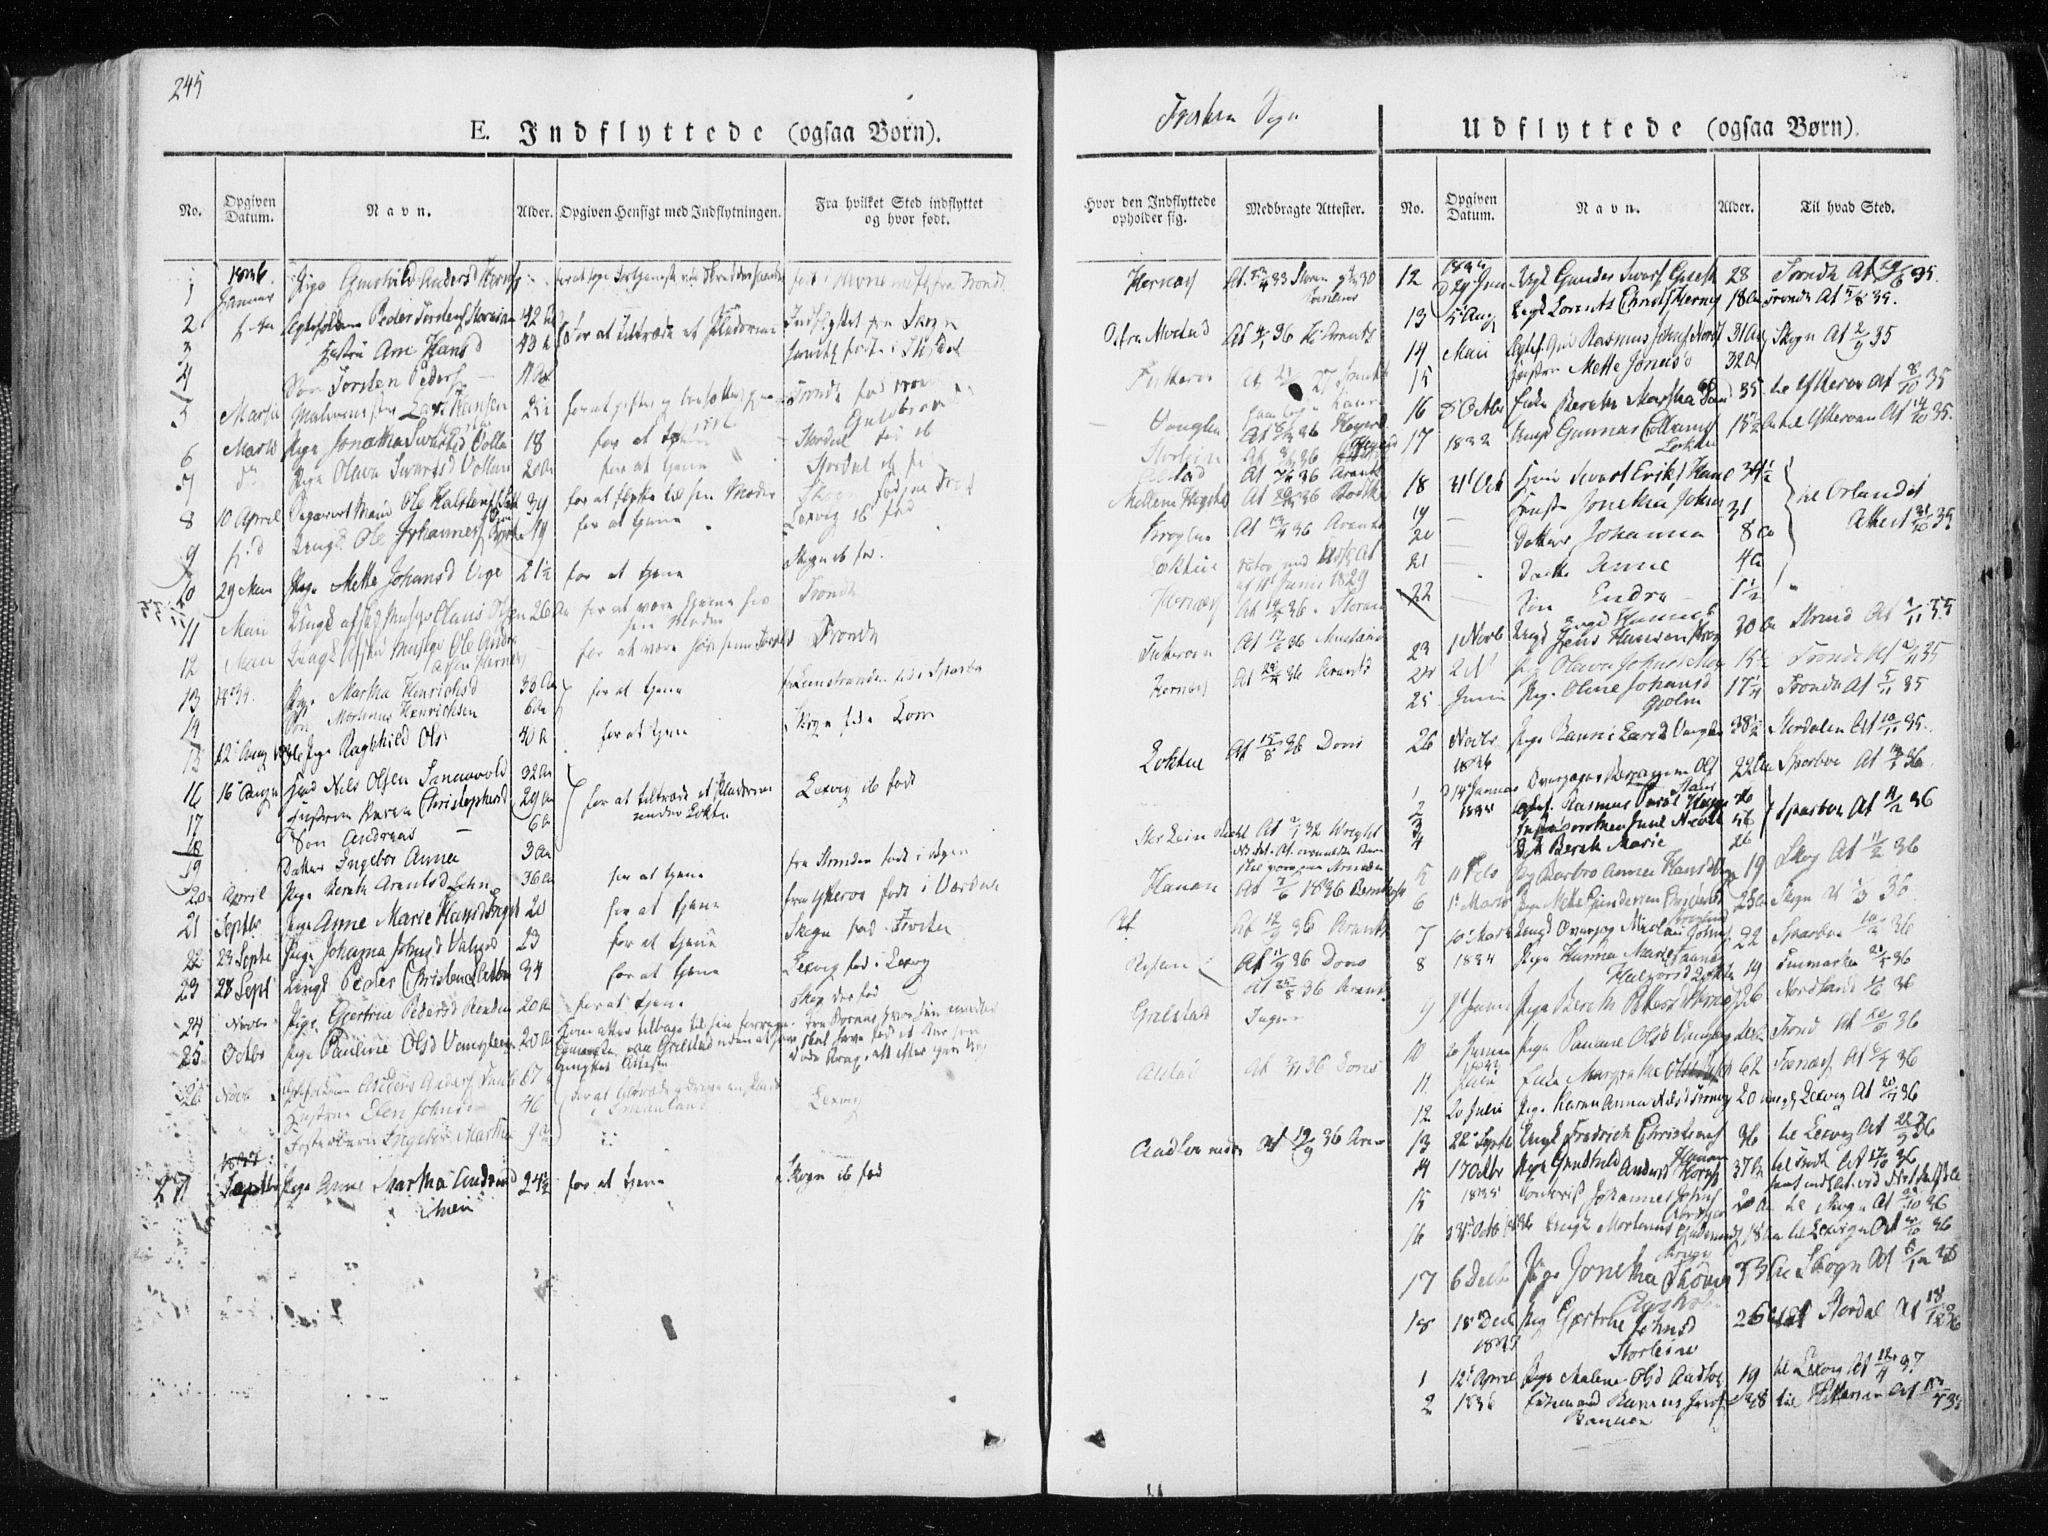 SAT, Ministerialprotokoller, klokkerbøker og fødselsregistre - Nord-Trøndelag, 713/L0114: Ministerialbok nr. 713A05, 1827-1839, s. 245